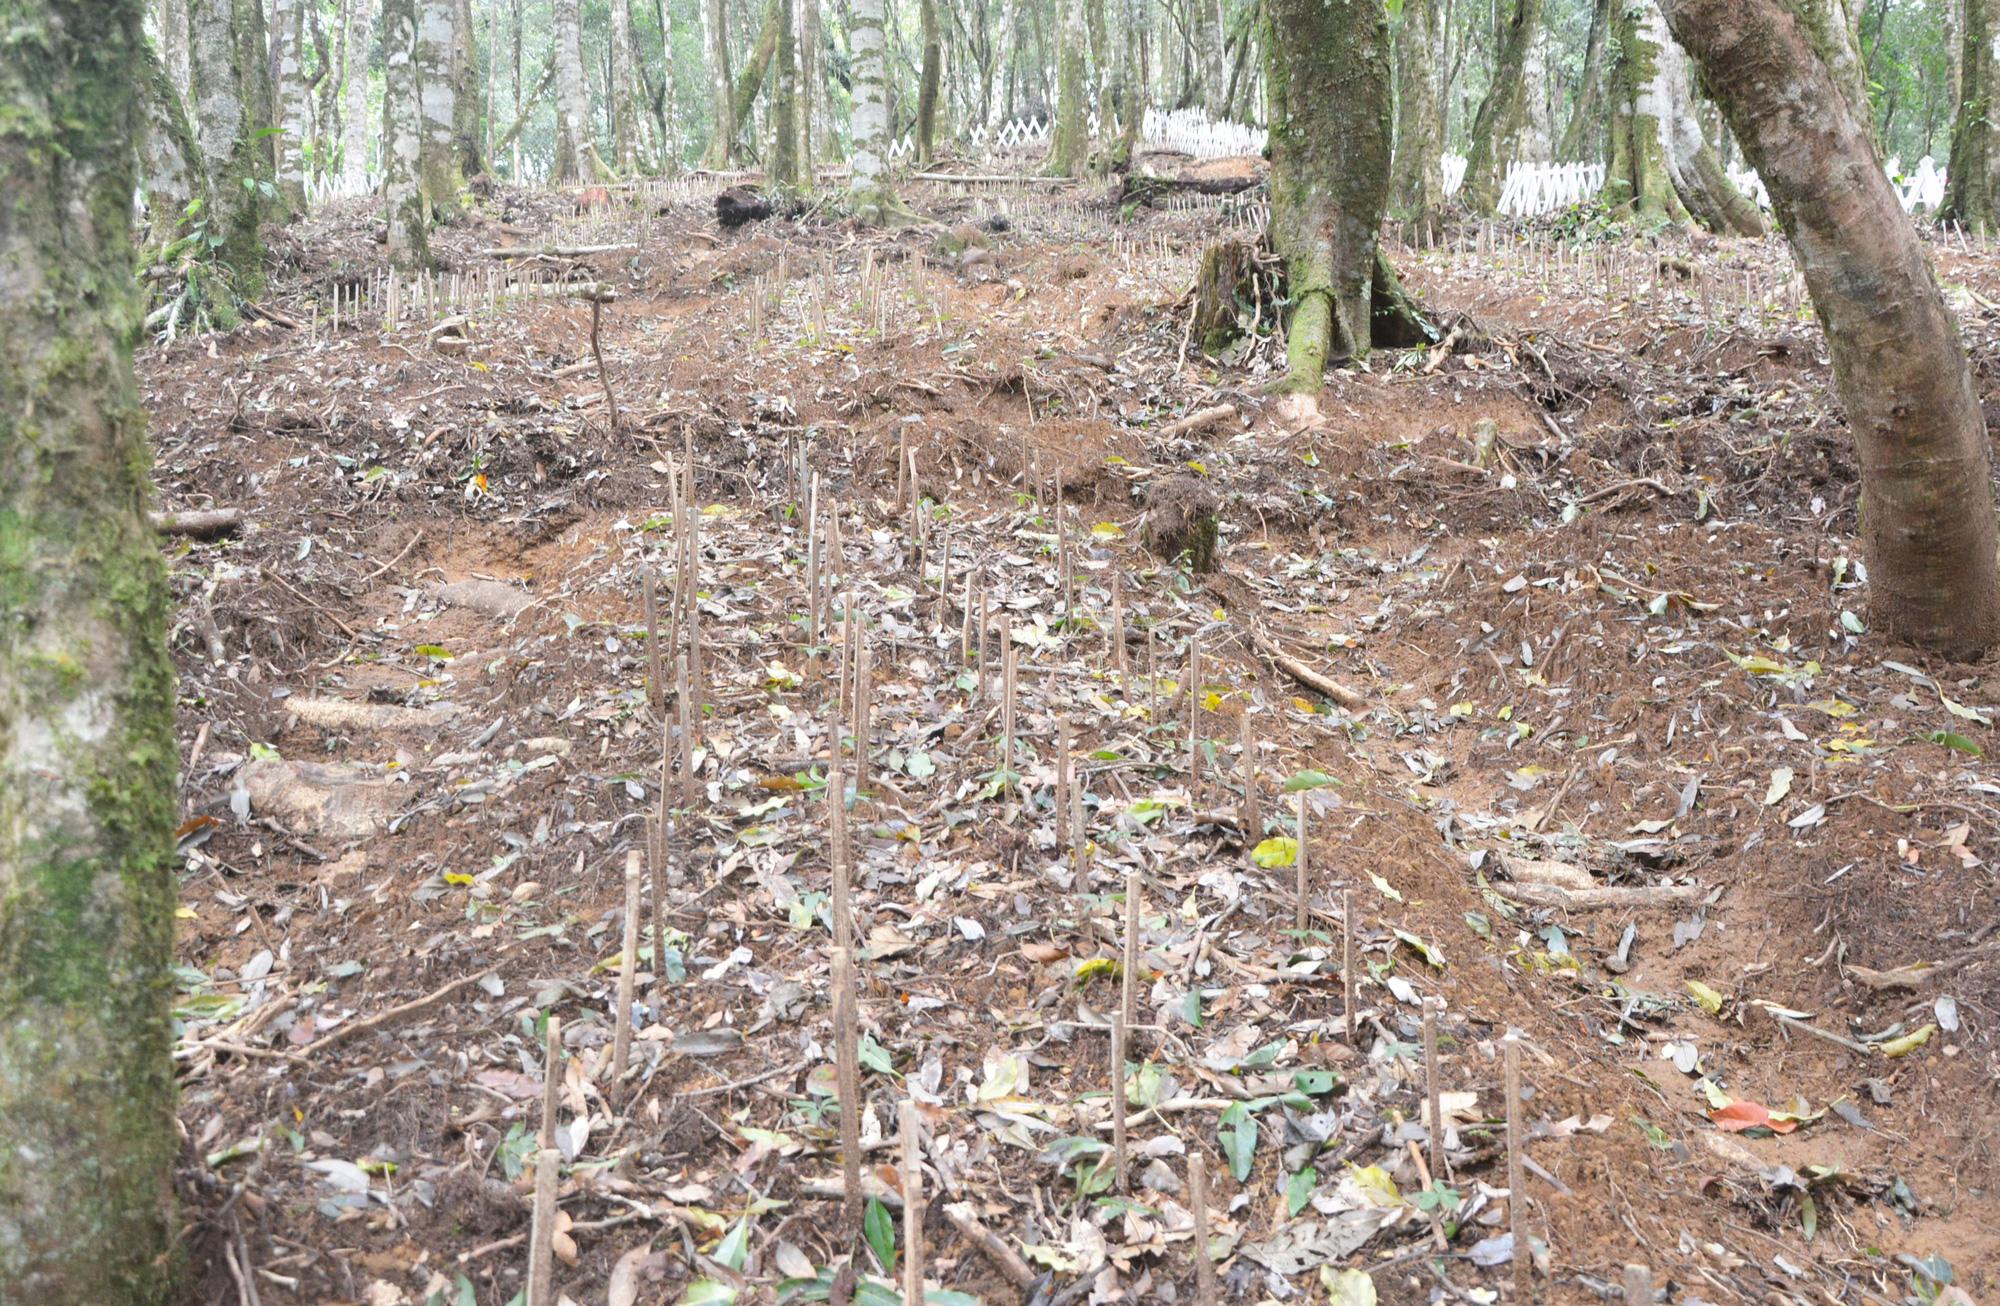 """Kon Tum: Lên núi âm u """"lạc"""" vào rừng sâm quý hiếm, nhìn không thấy gì, bới lớp đất ra là cả gia tài lớn - Ảnh 4."""